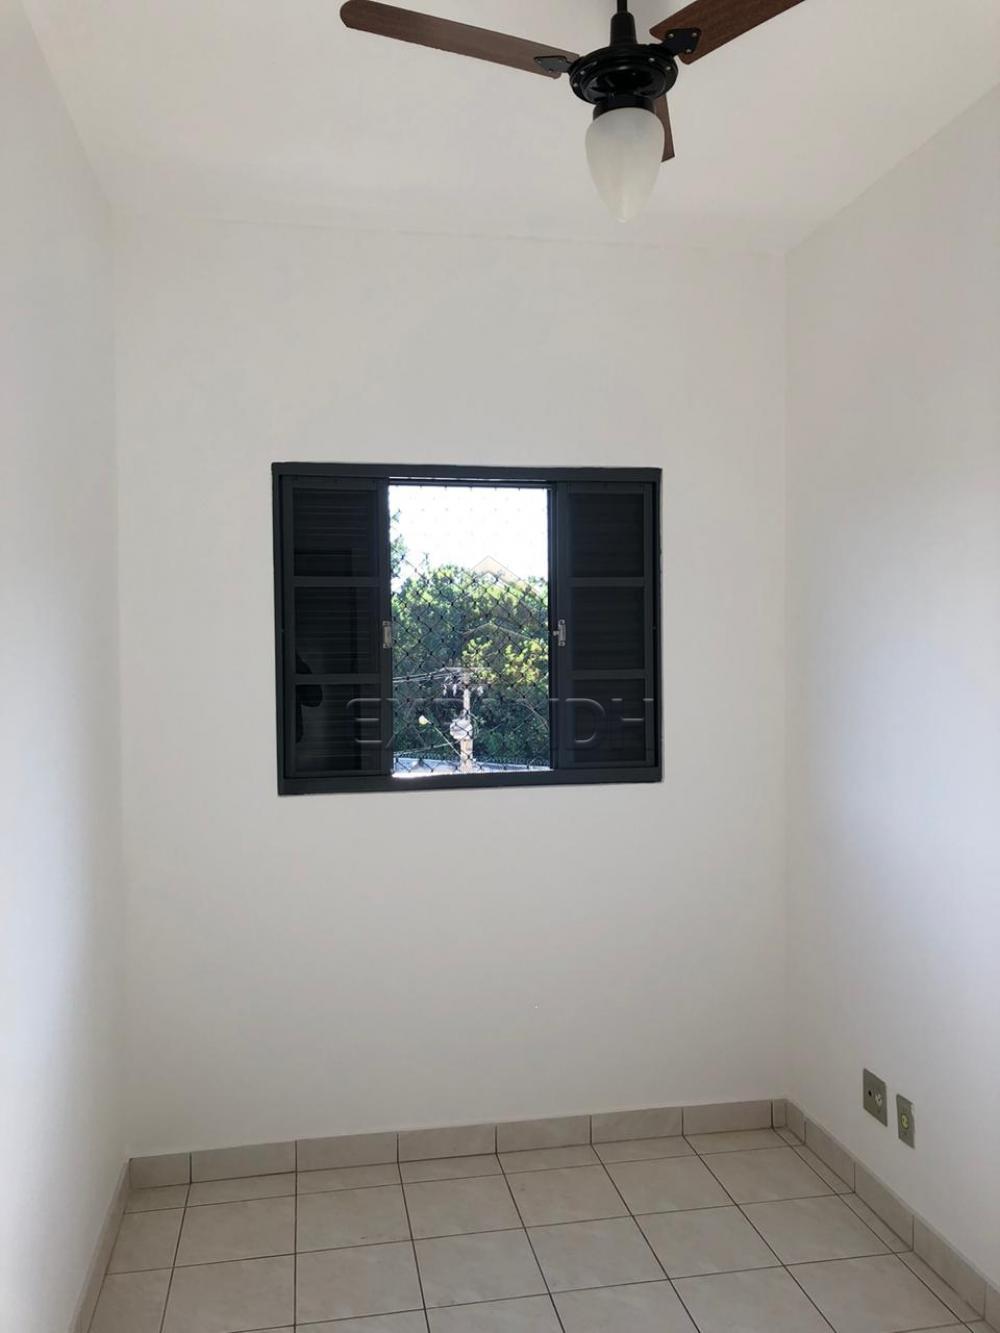 Alugar Apartamentos / Padrão em Sertãozinho apenas R$ 900,00 - Foto 8